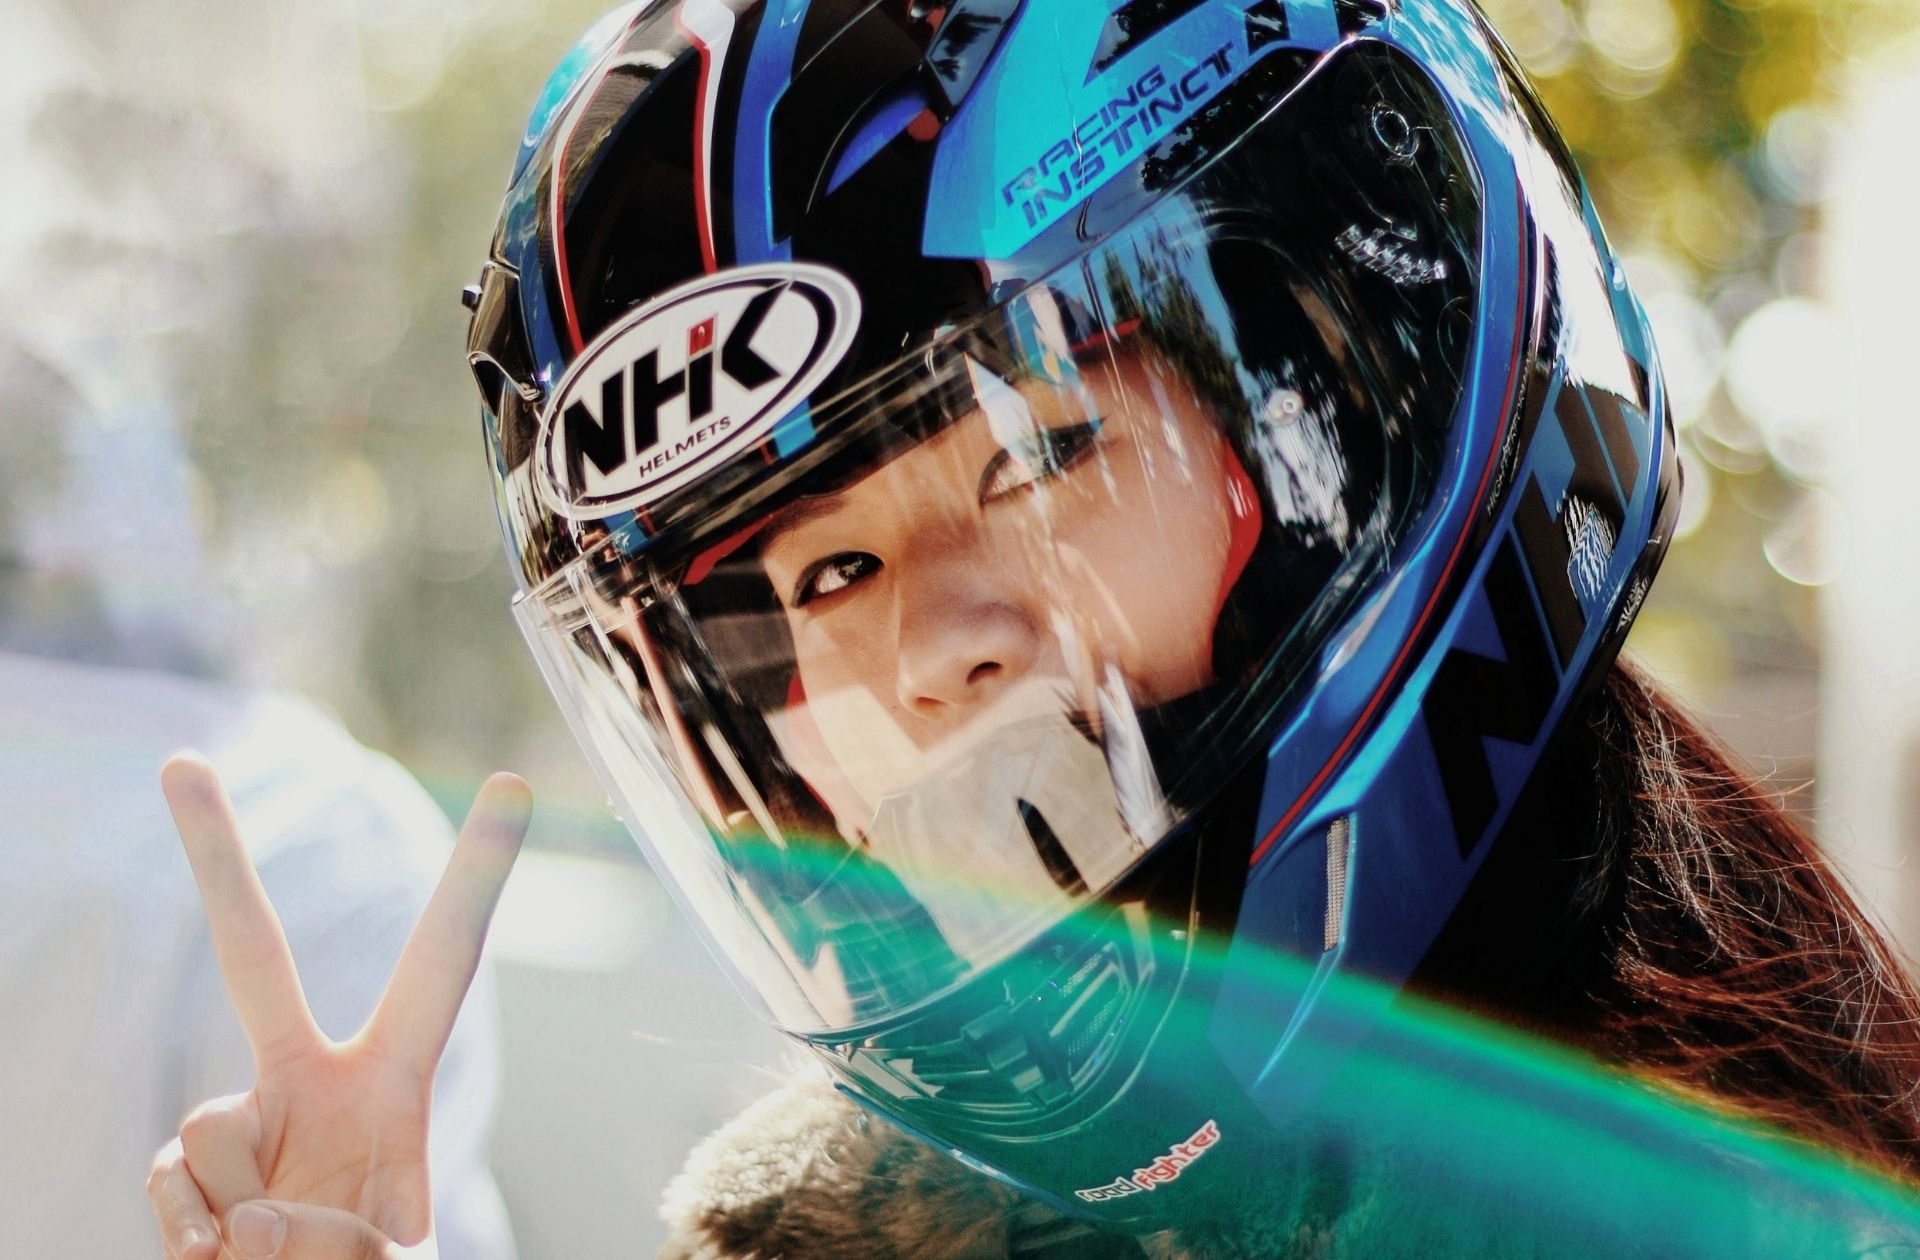 Les Motardes Furies en ont marre du sexisme dans le monde de la moto